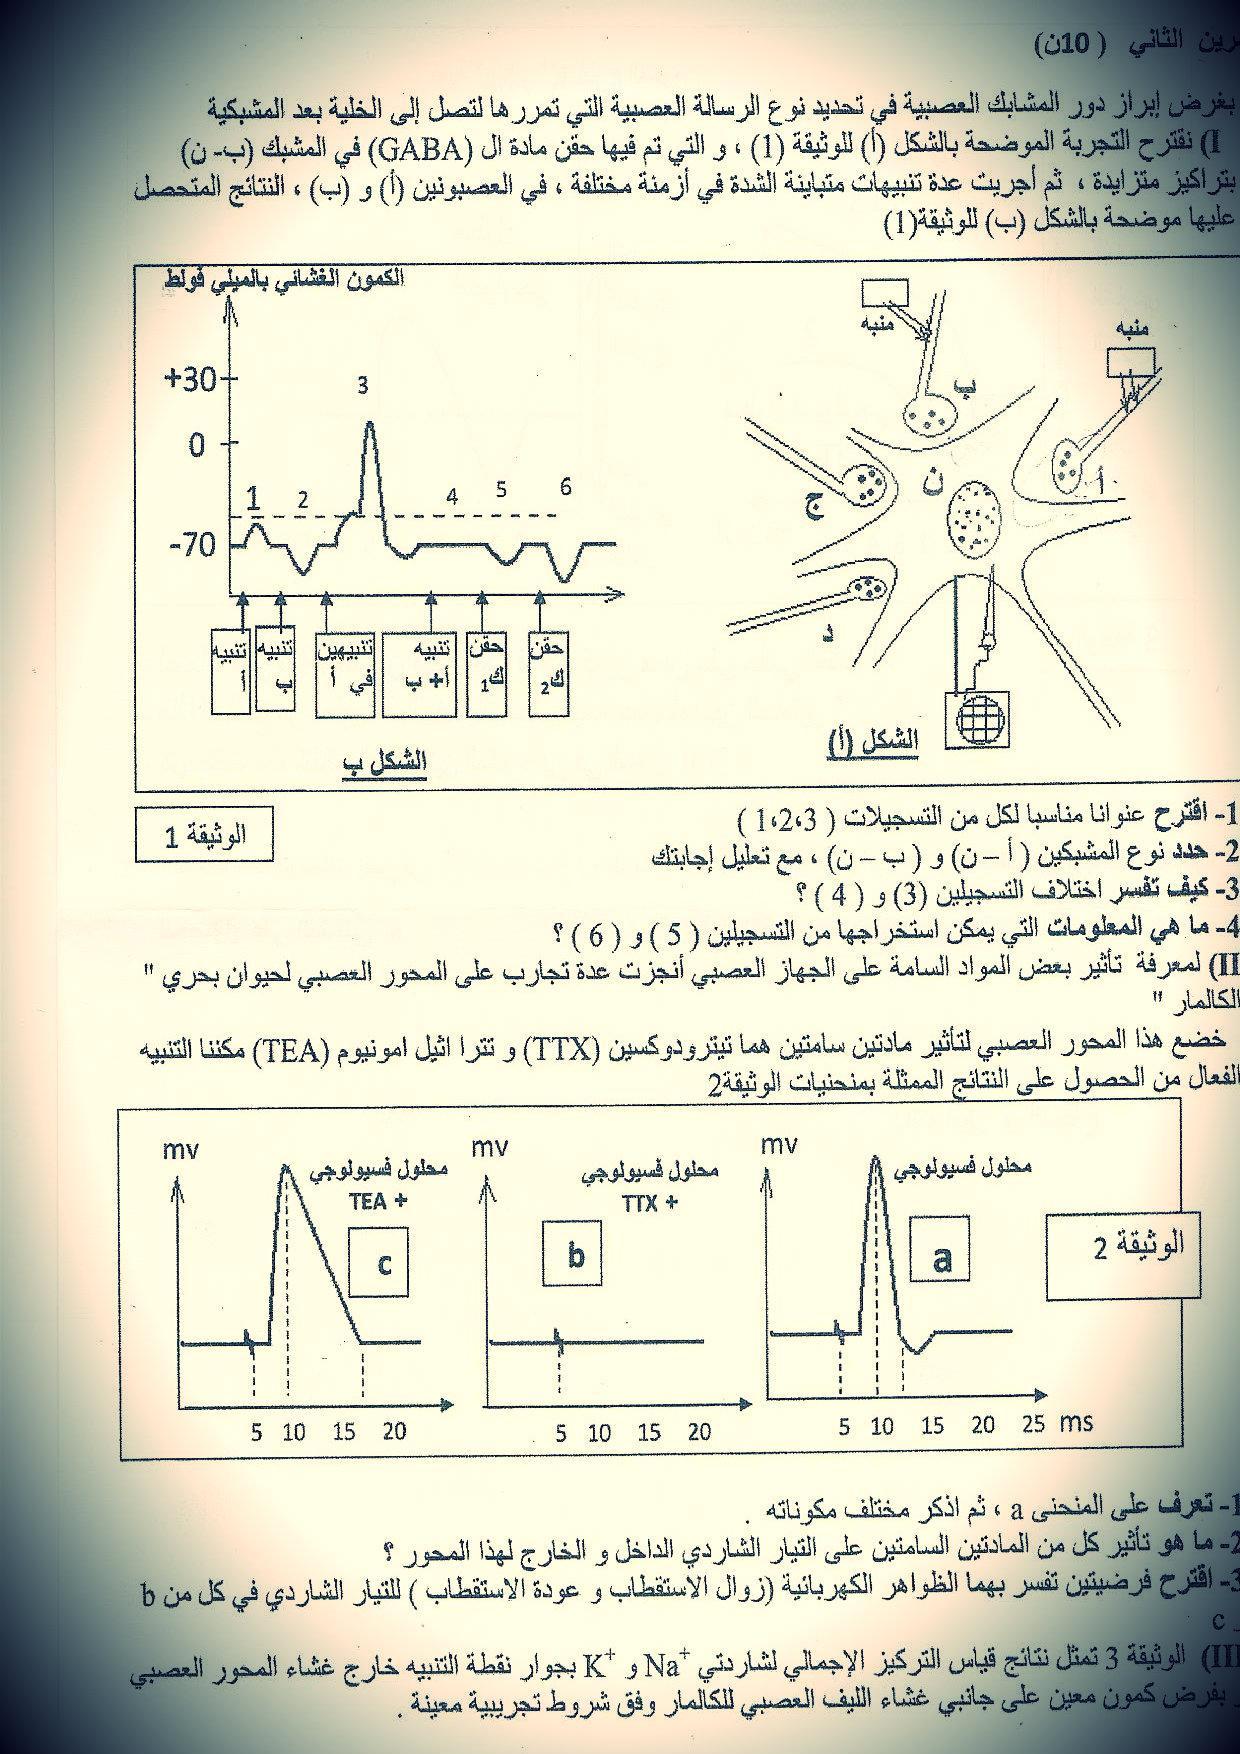 اختبارات ثانويتي للفصل الثاني..شعبة العلوم تجريبية~ 739838107.jpg